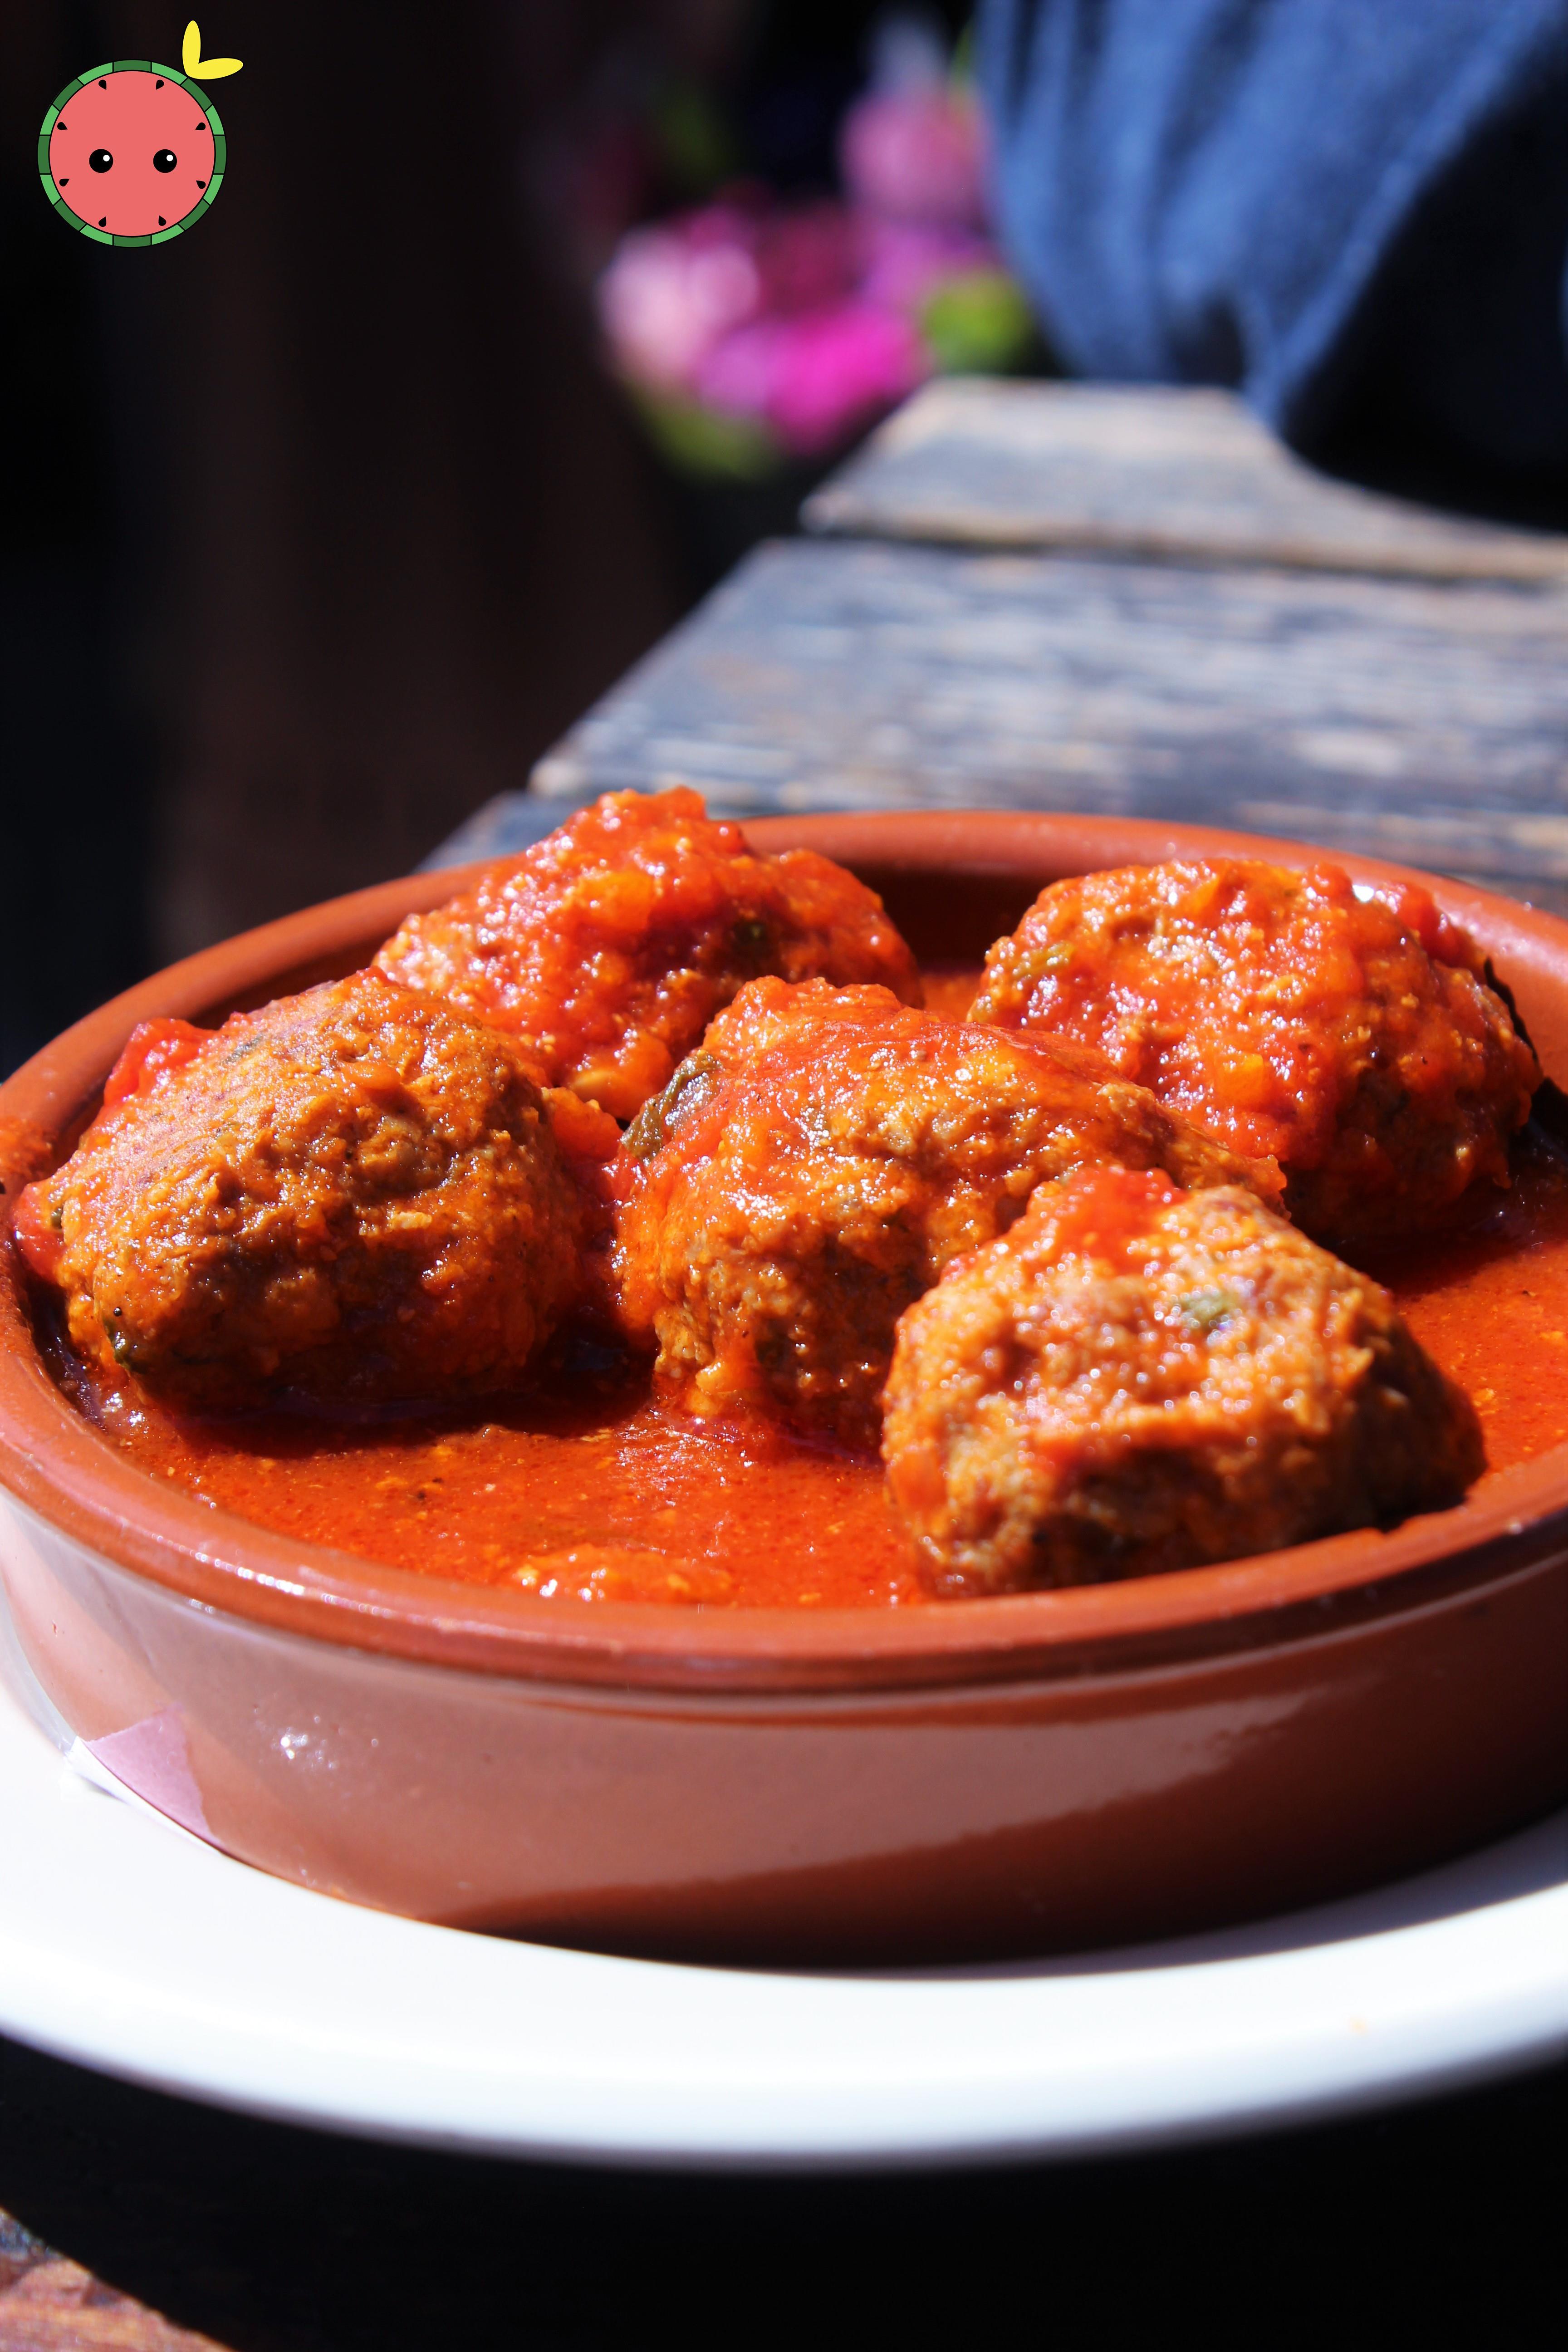 Albondigas_-_Spiced_Meatballs_in_Jamón_Tomato_Sauce